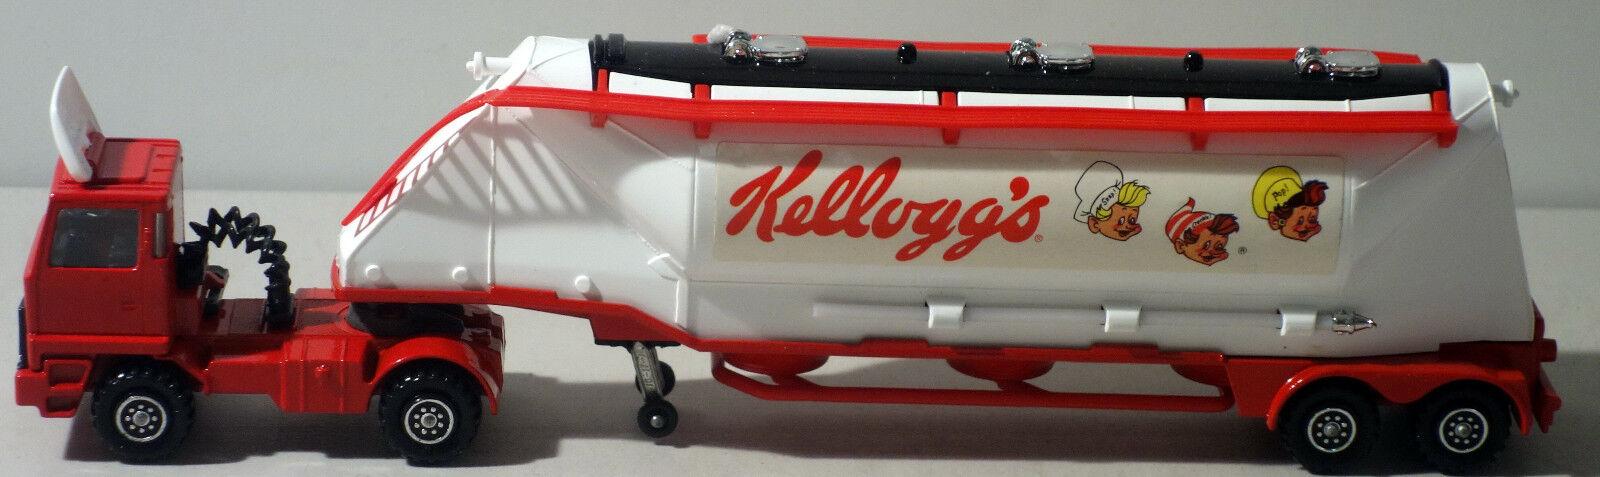 DTE LESNEY MATCHBOX SUPERKINGS SK-3 LARGE  KELLOGG'S    GRAIN TRANSPORTER a99175